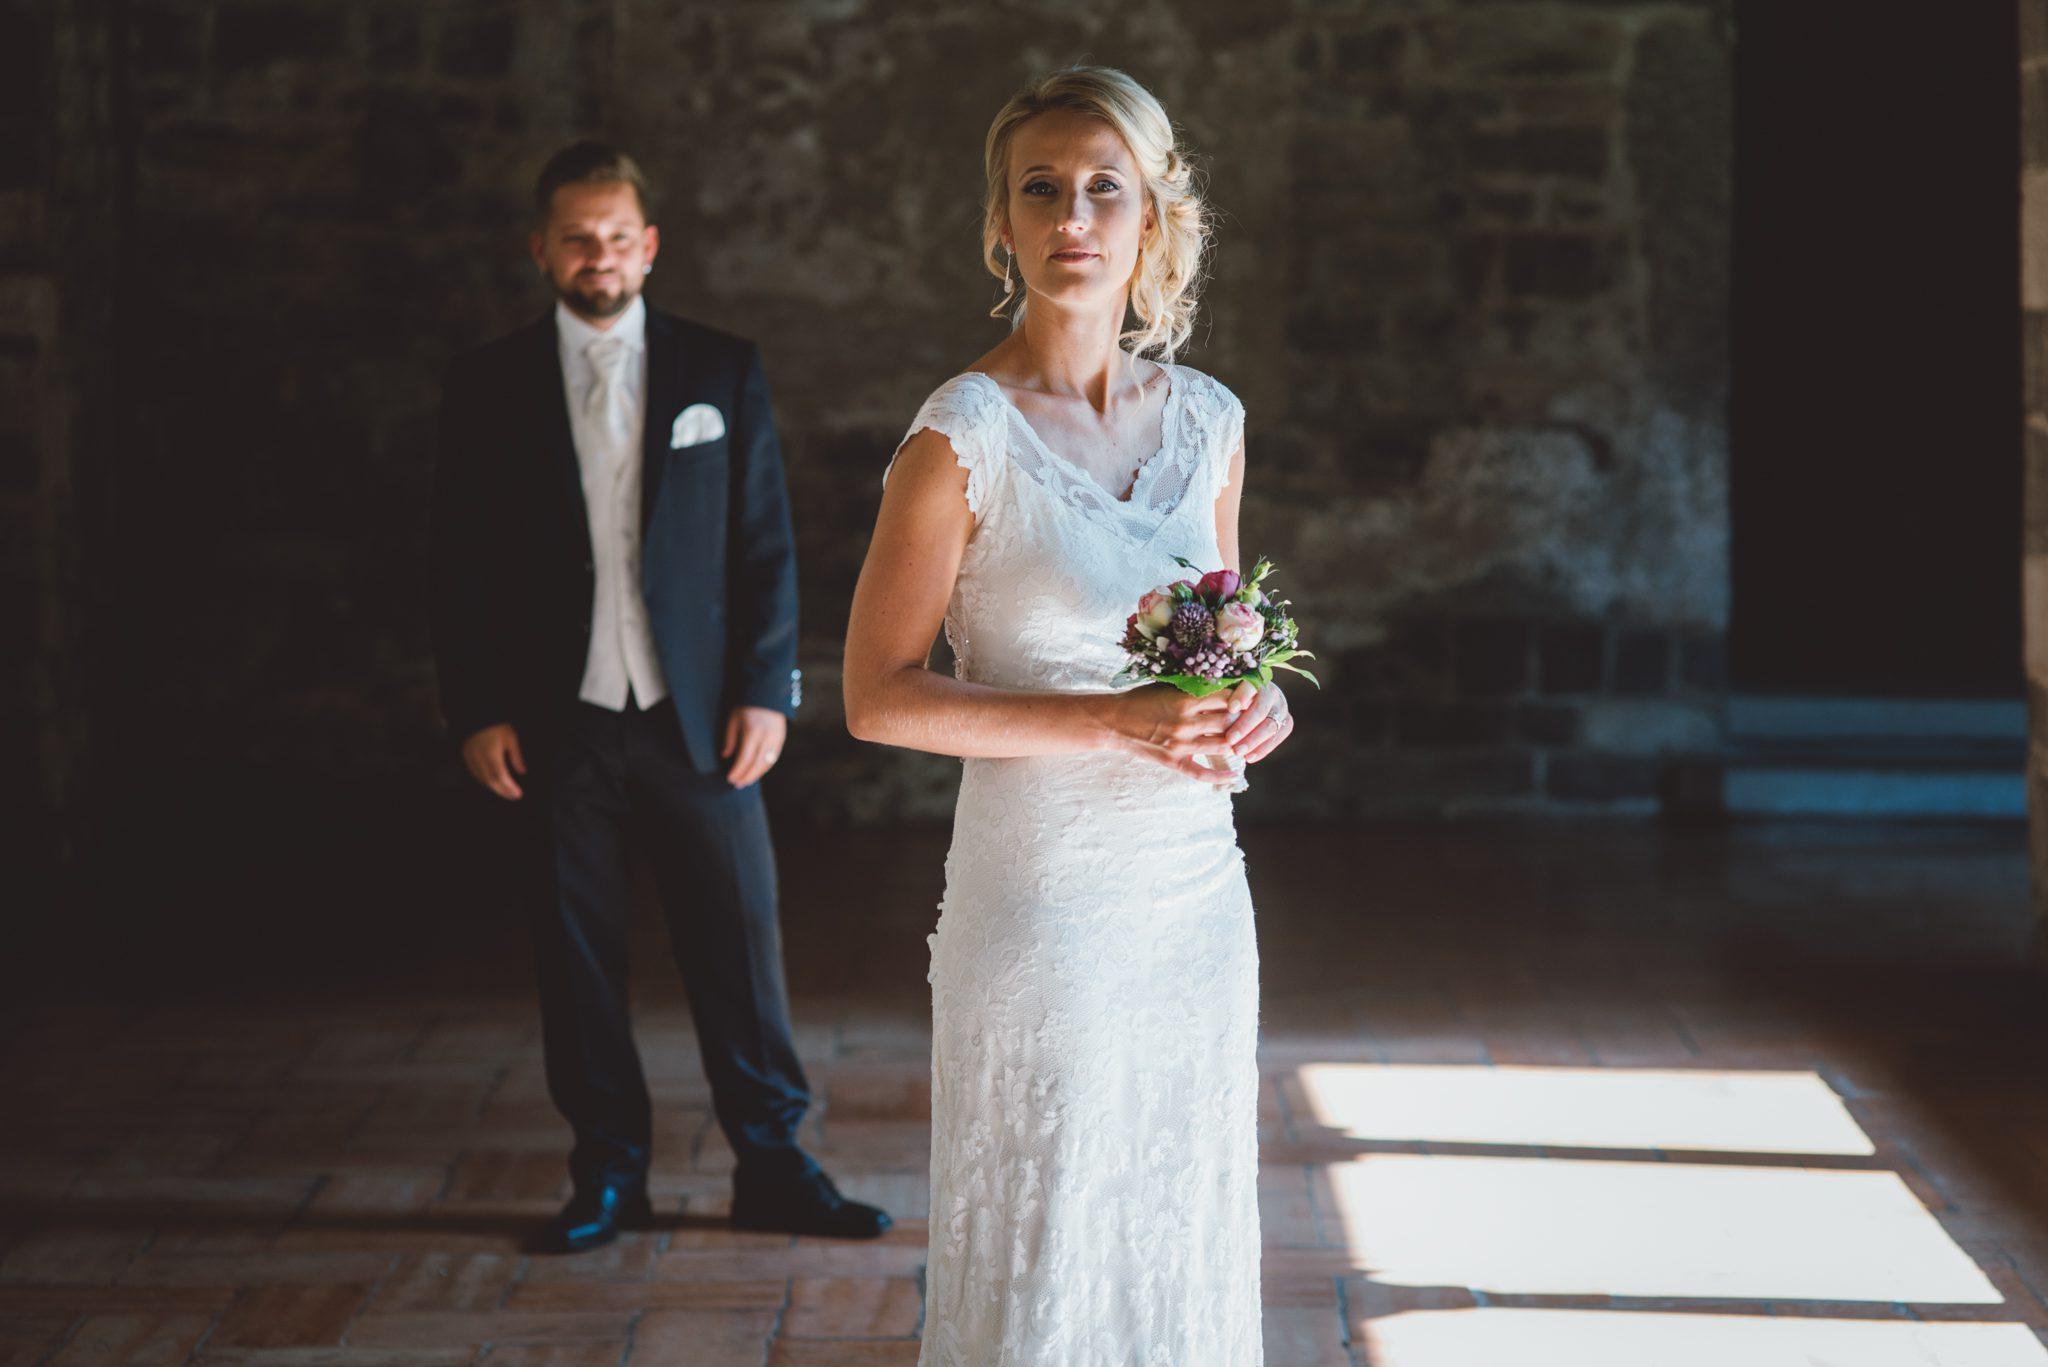 fotografo matrimonio lago di como monza brianza reportage fine art